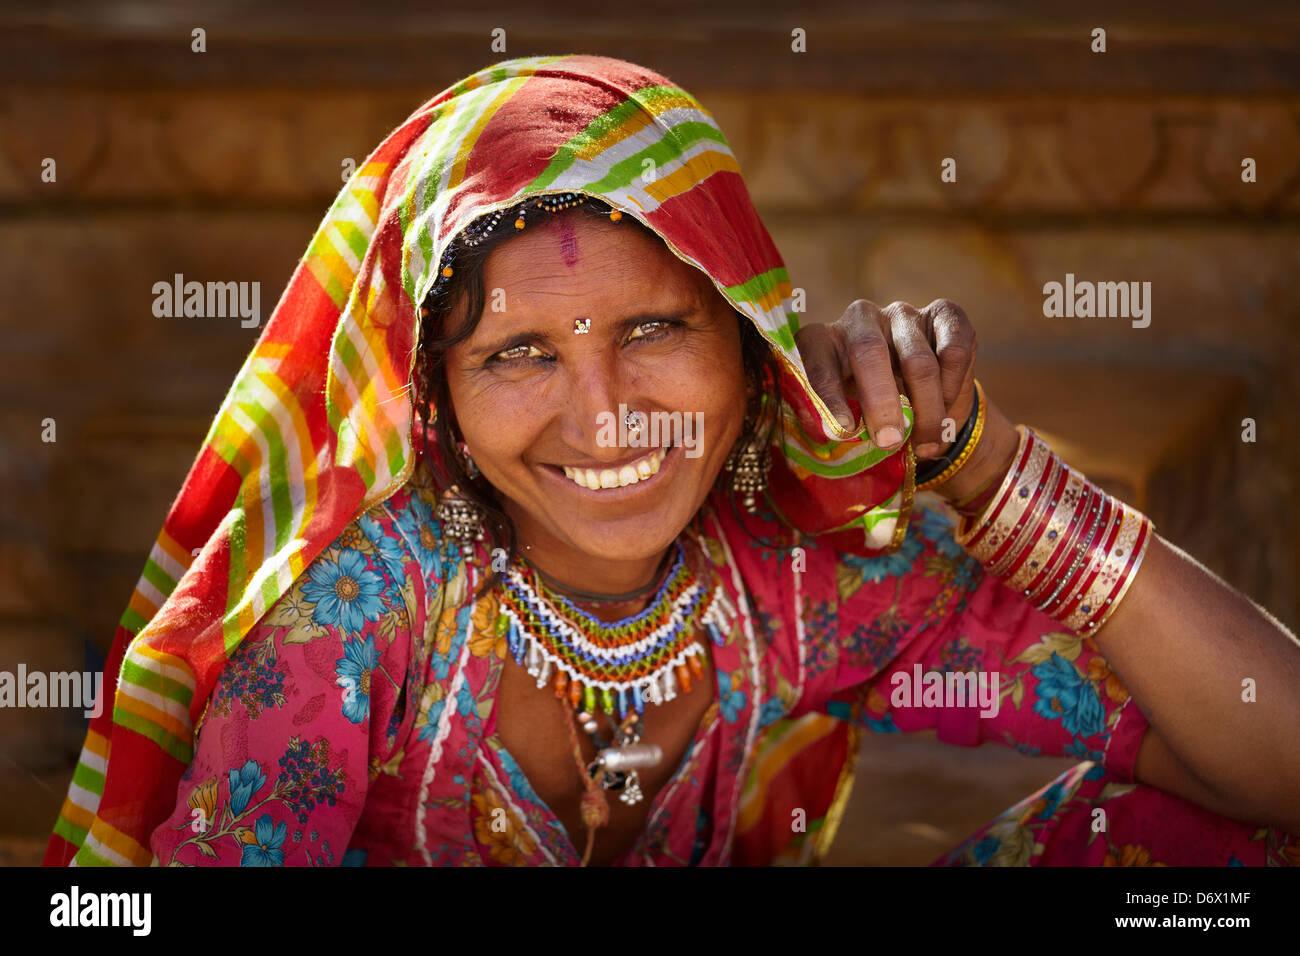 Retrato de mujer india sonriente, Jaisalmer, Estado de Rajasthan, India Foto de stock